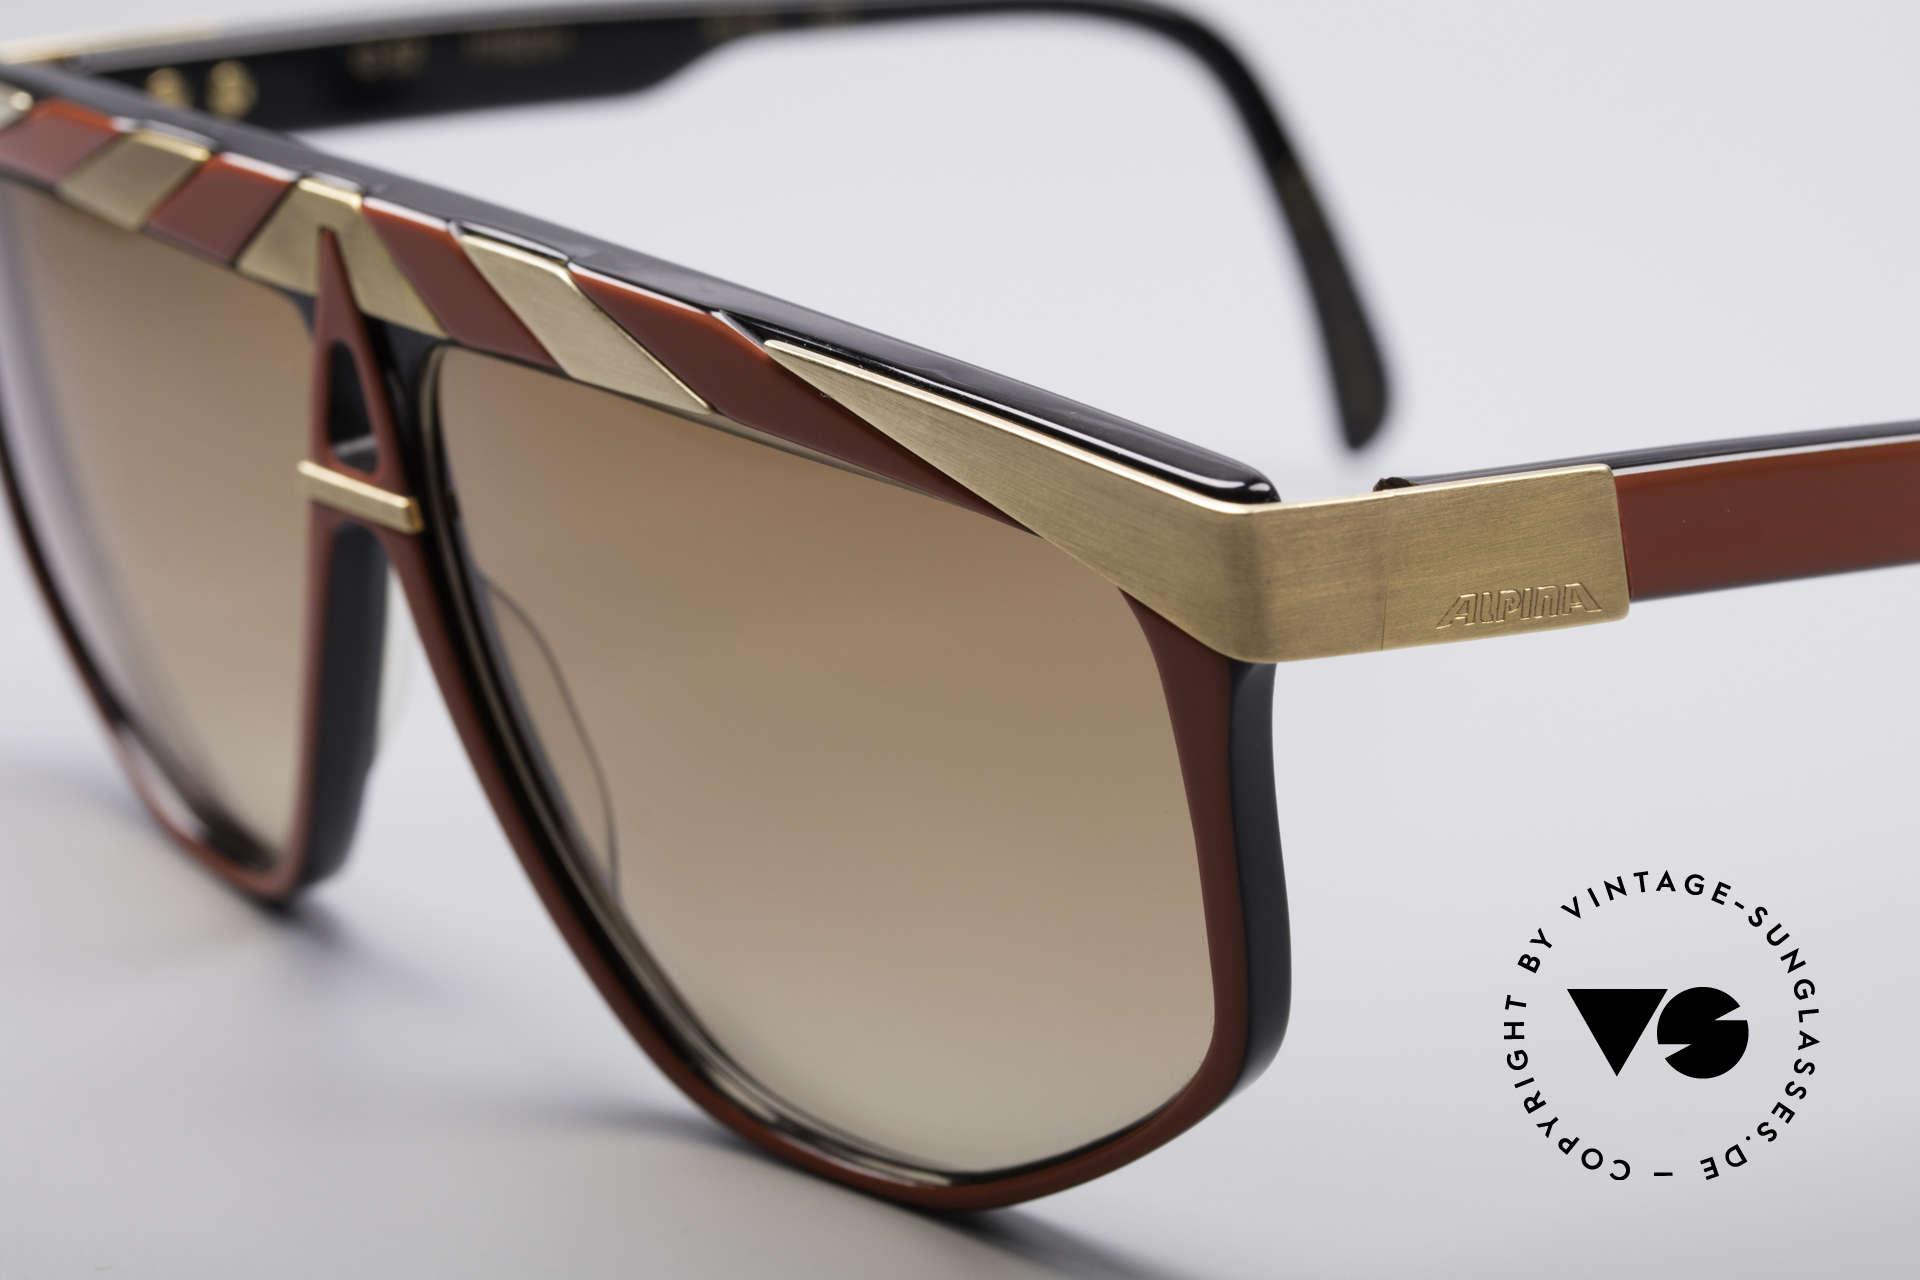 Alpina G82 Vergoldete Vintage Brille, Top-Qualität (24kt vergoldete Metall-Applikationen), Passend für Herren und Damen